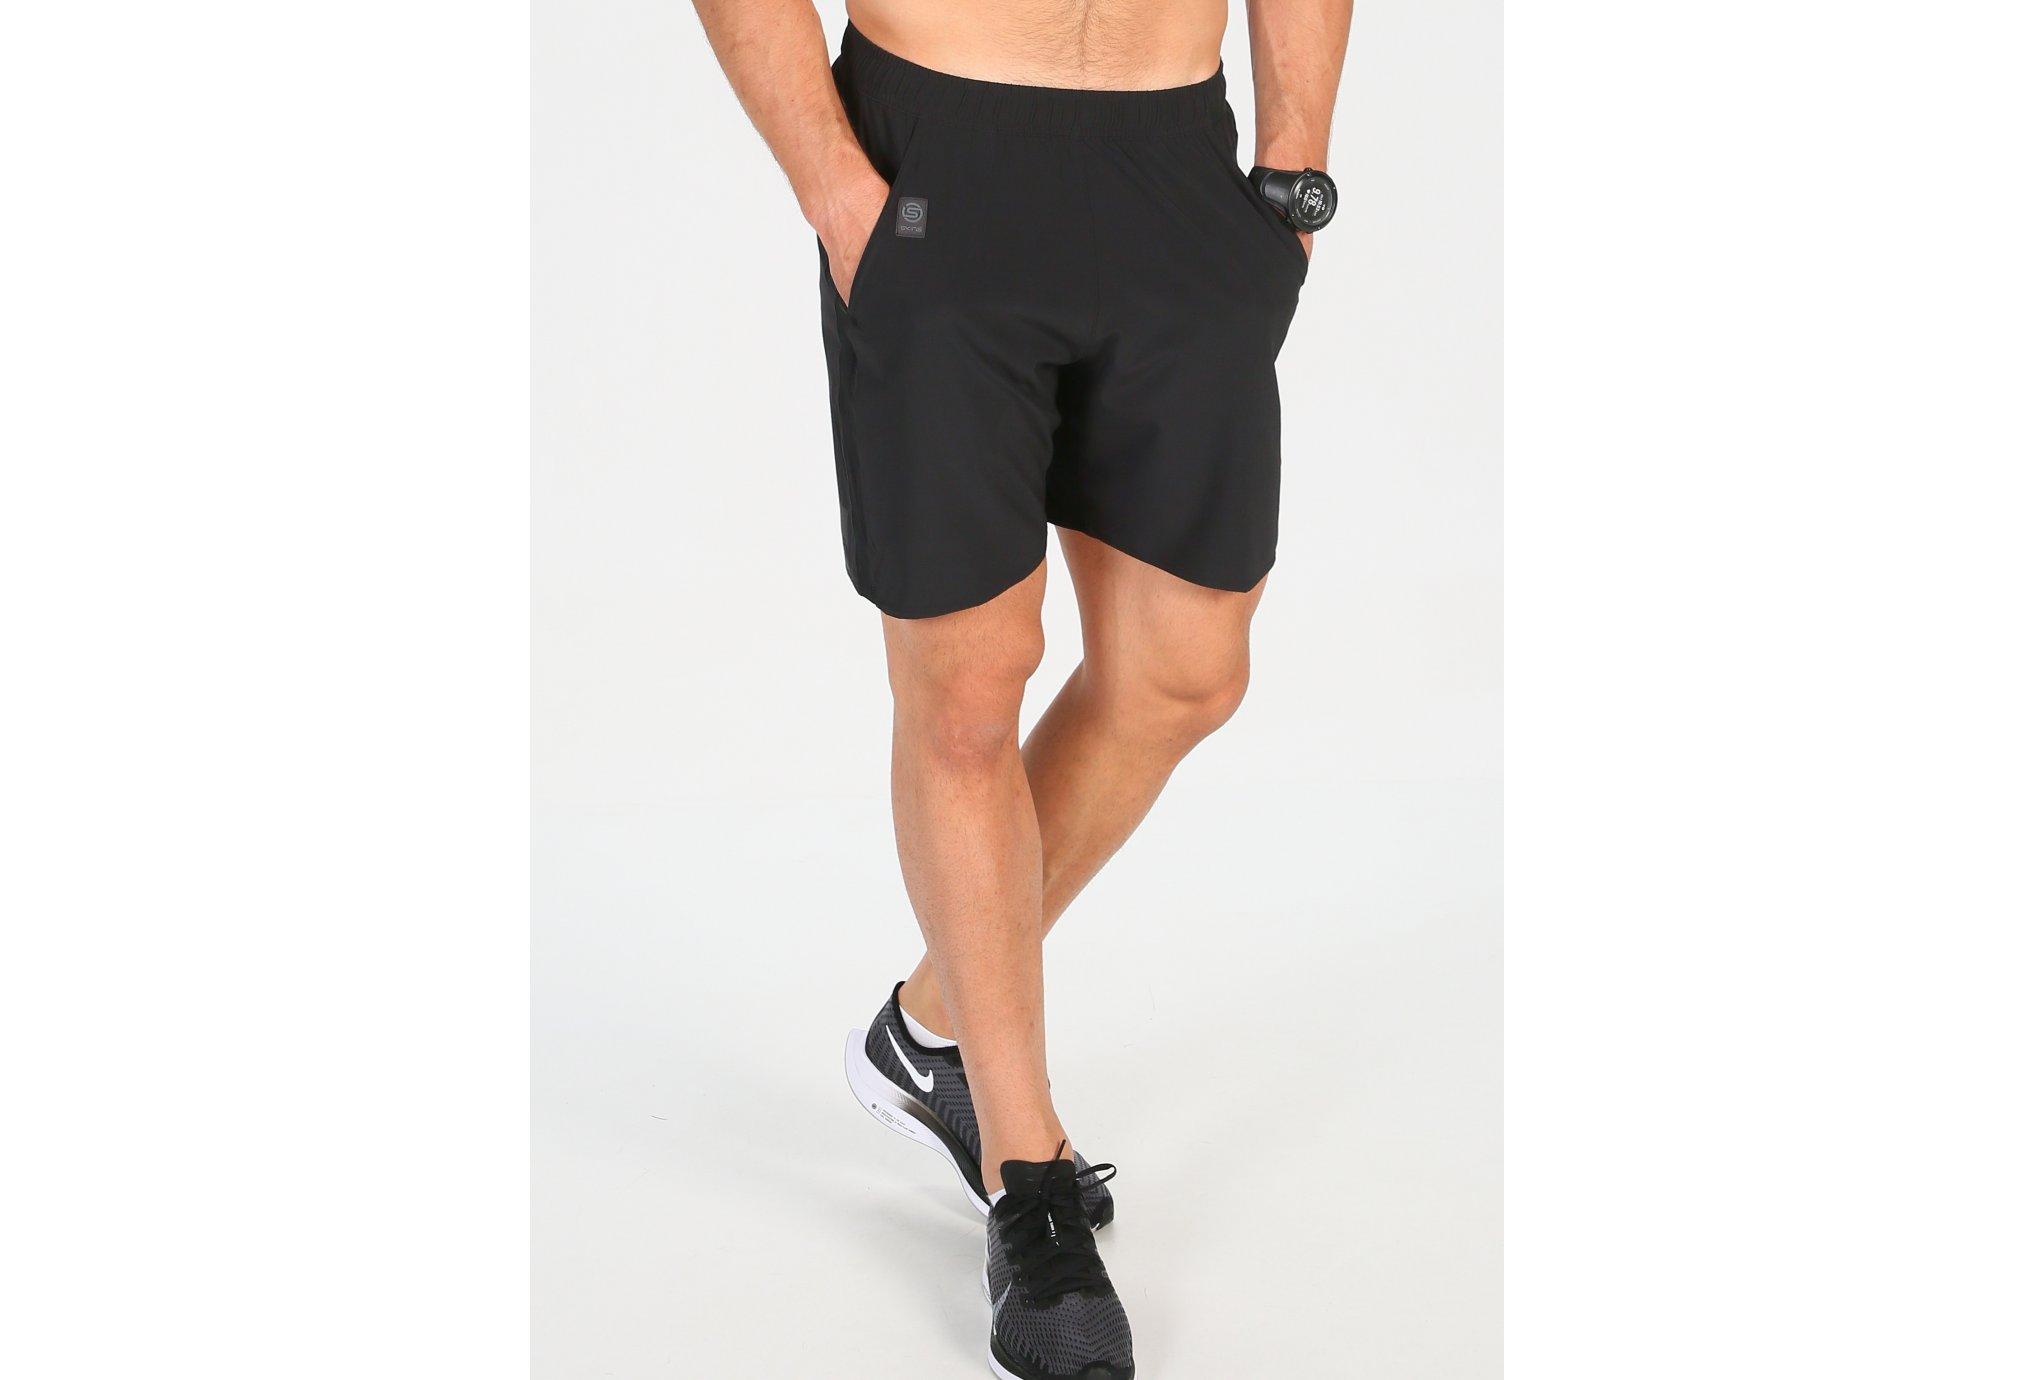 Skins Activewear Square M Diététique Vêtements homme